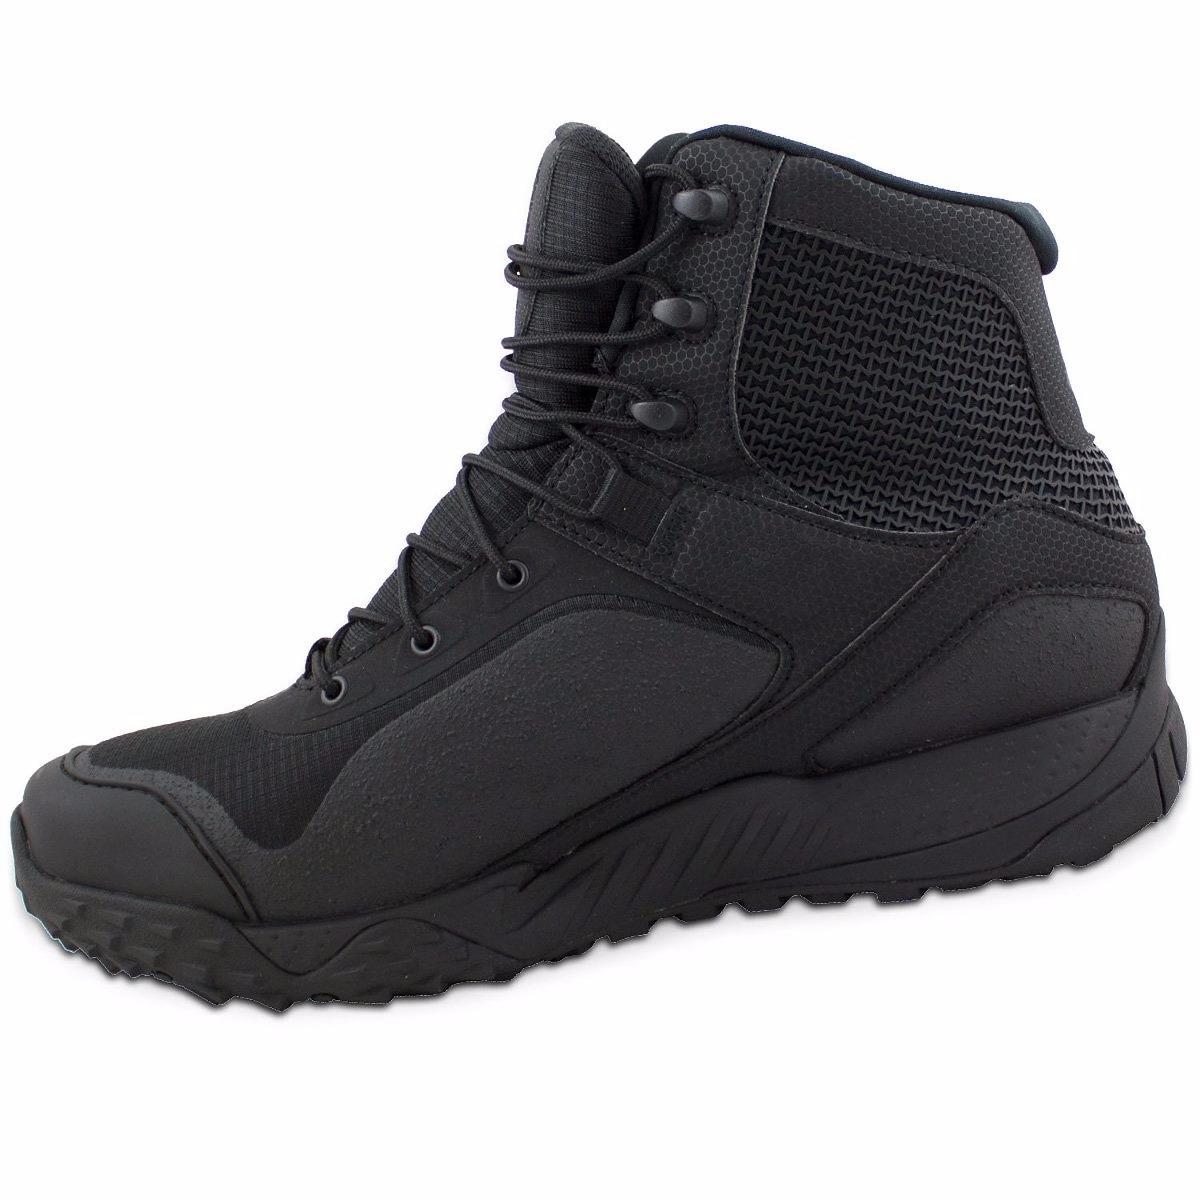 Mens Tactical Shoes